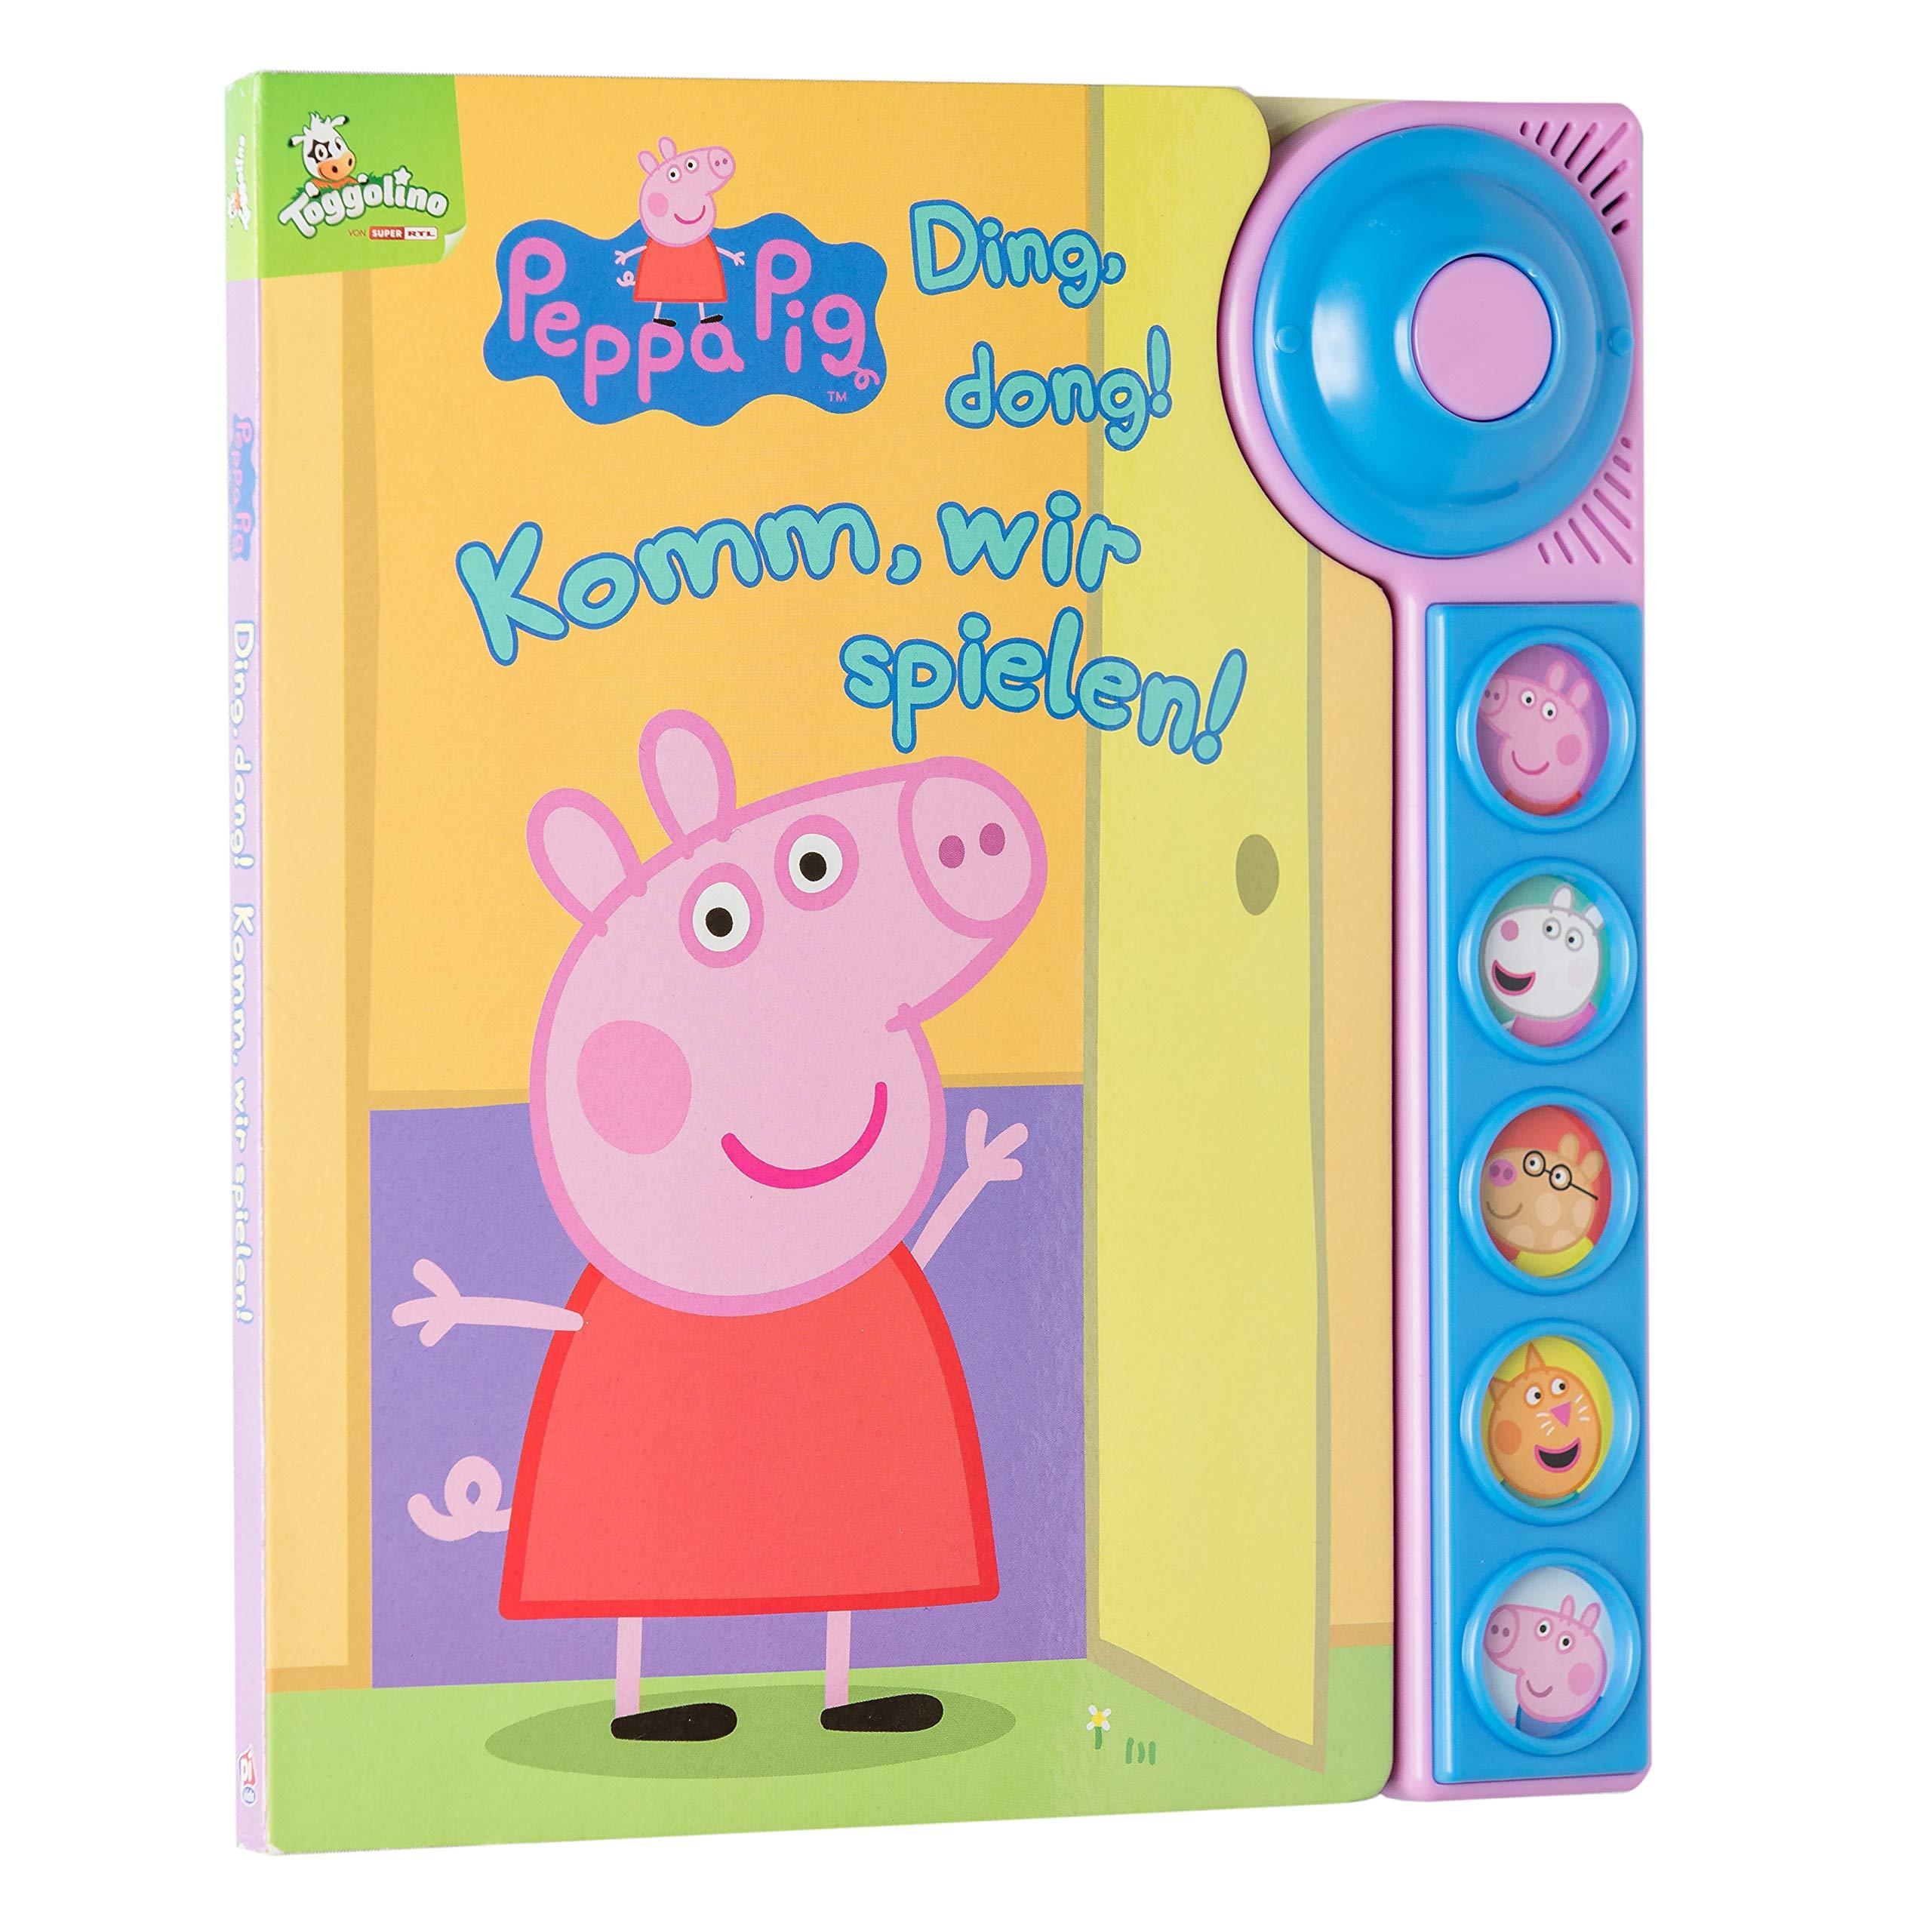 dong Ding Komm wir spielen! Soundbuch Peppa Pig